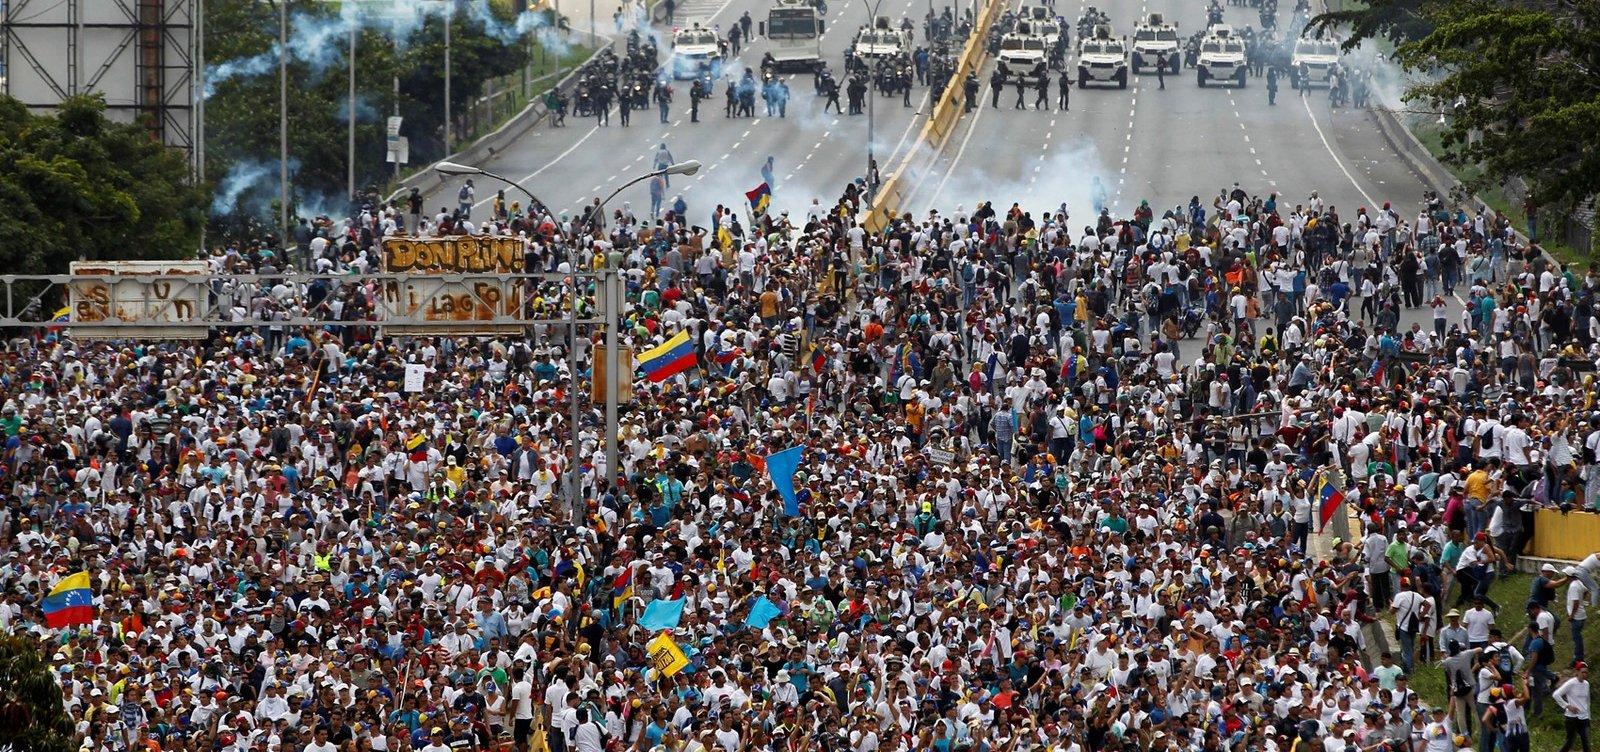 Sobe para cinco número de mortos em protestos na Venezuela, diz ONU